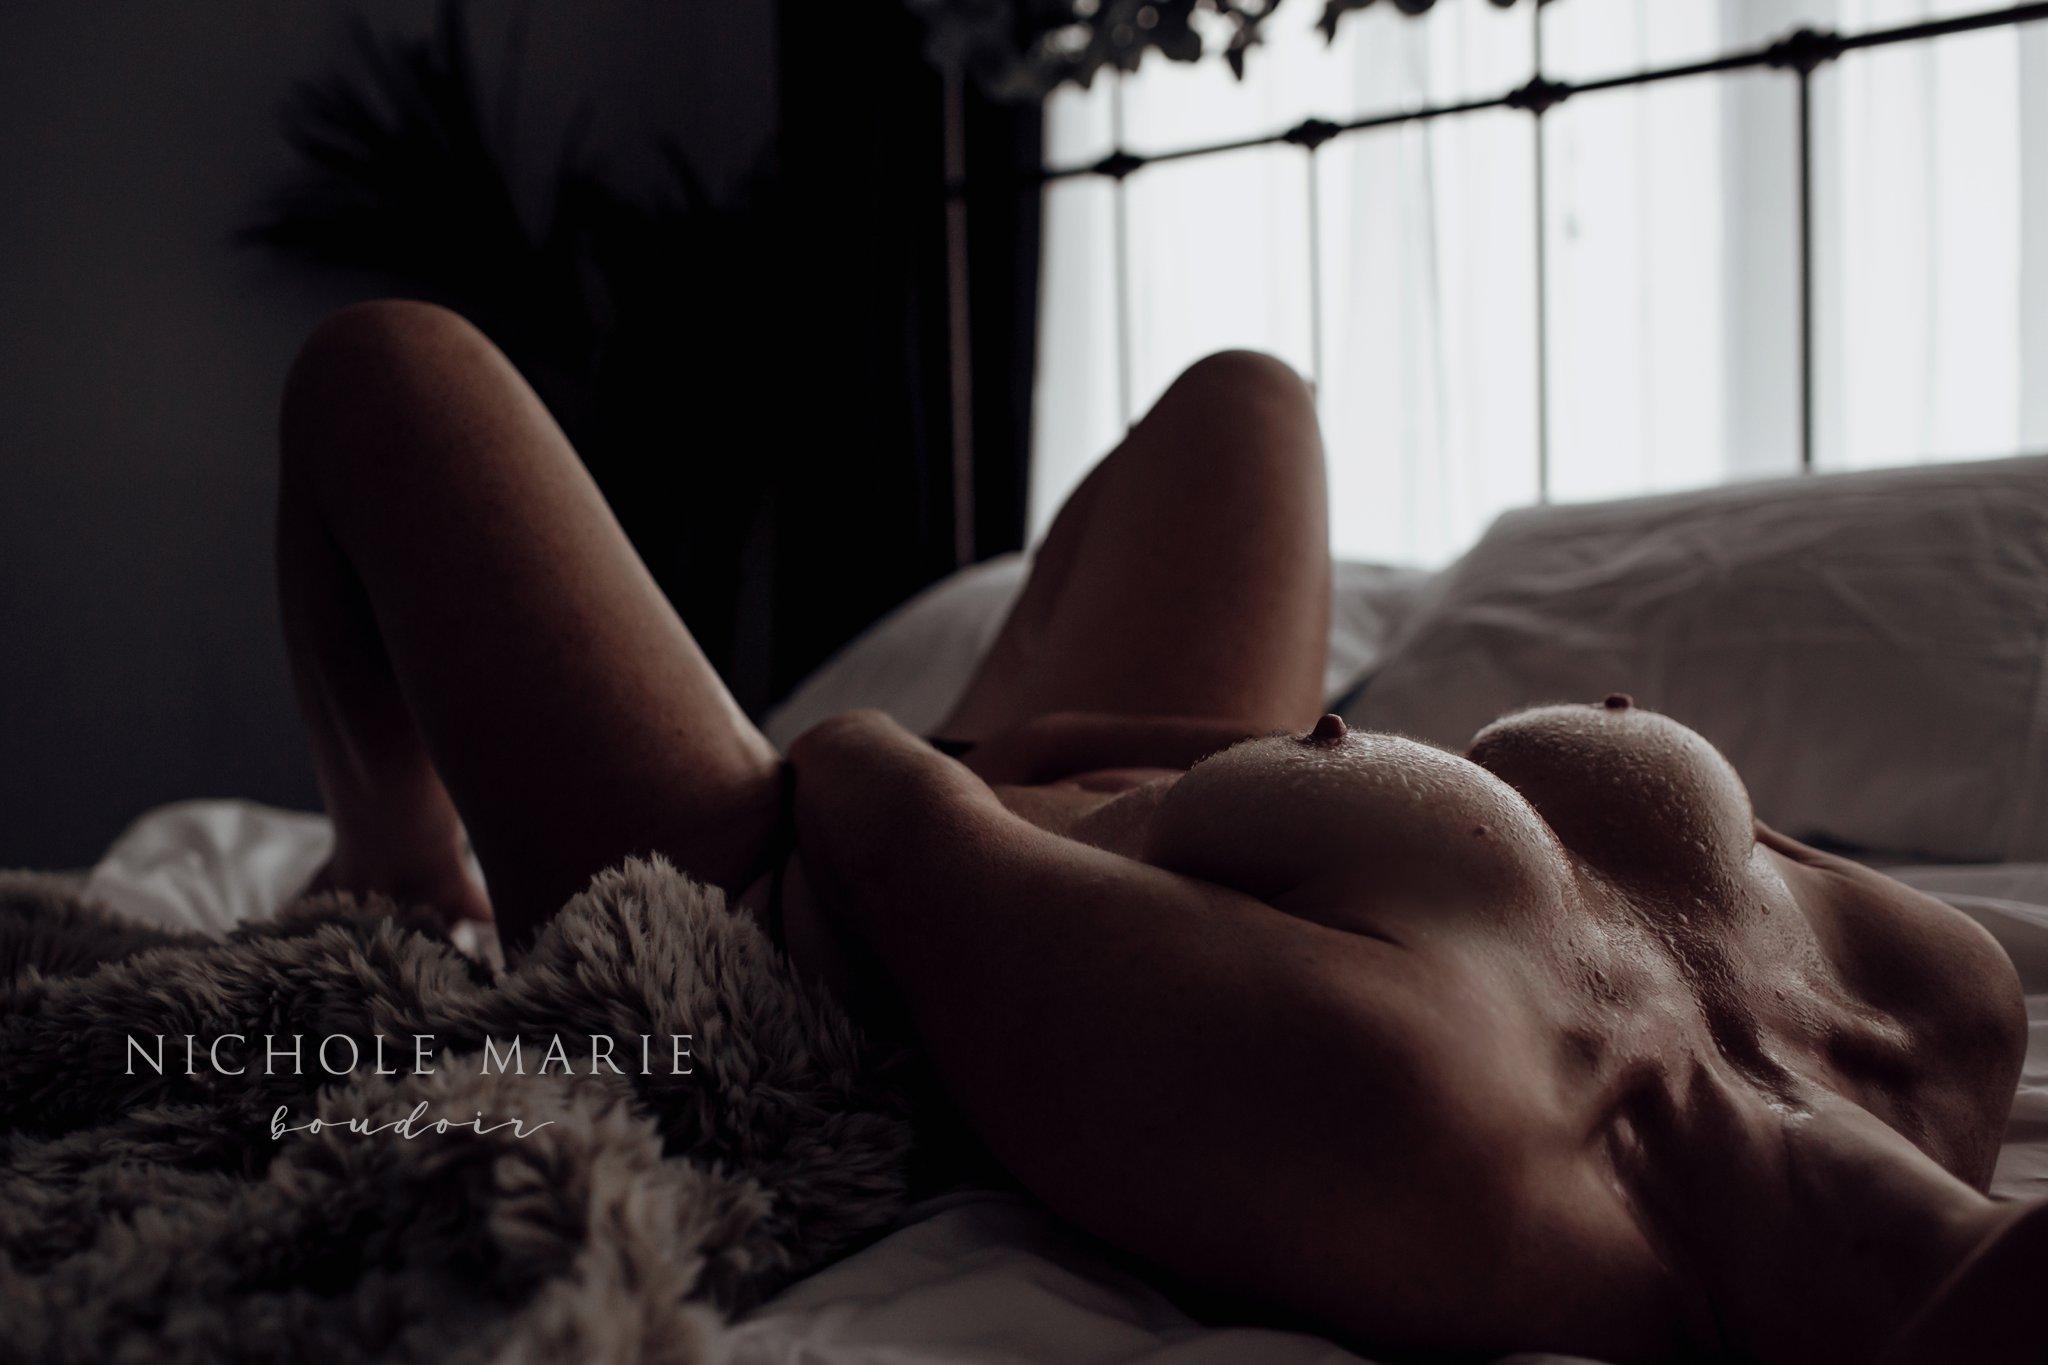 SEBASTIAN FLORIDA BOUDOIR PHOTOGRAPHER | NICHOLE MARIE BOUDOIR_0364.jpg